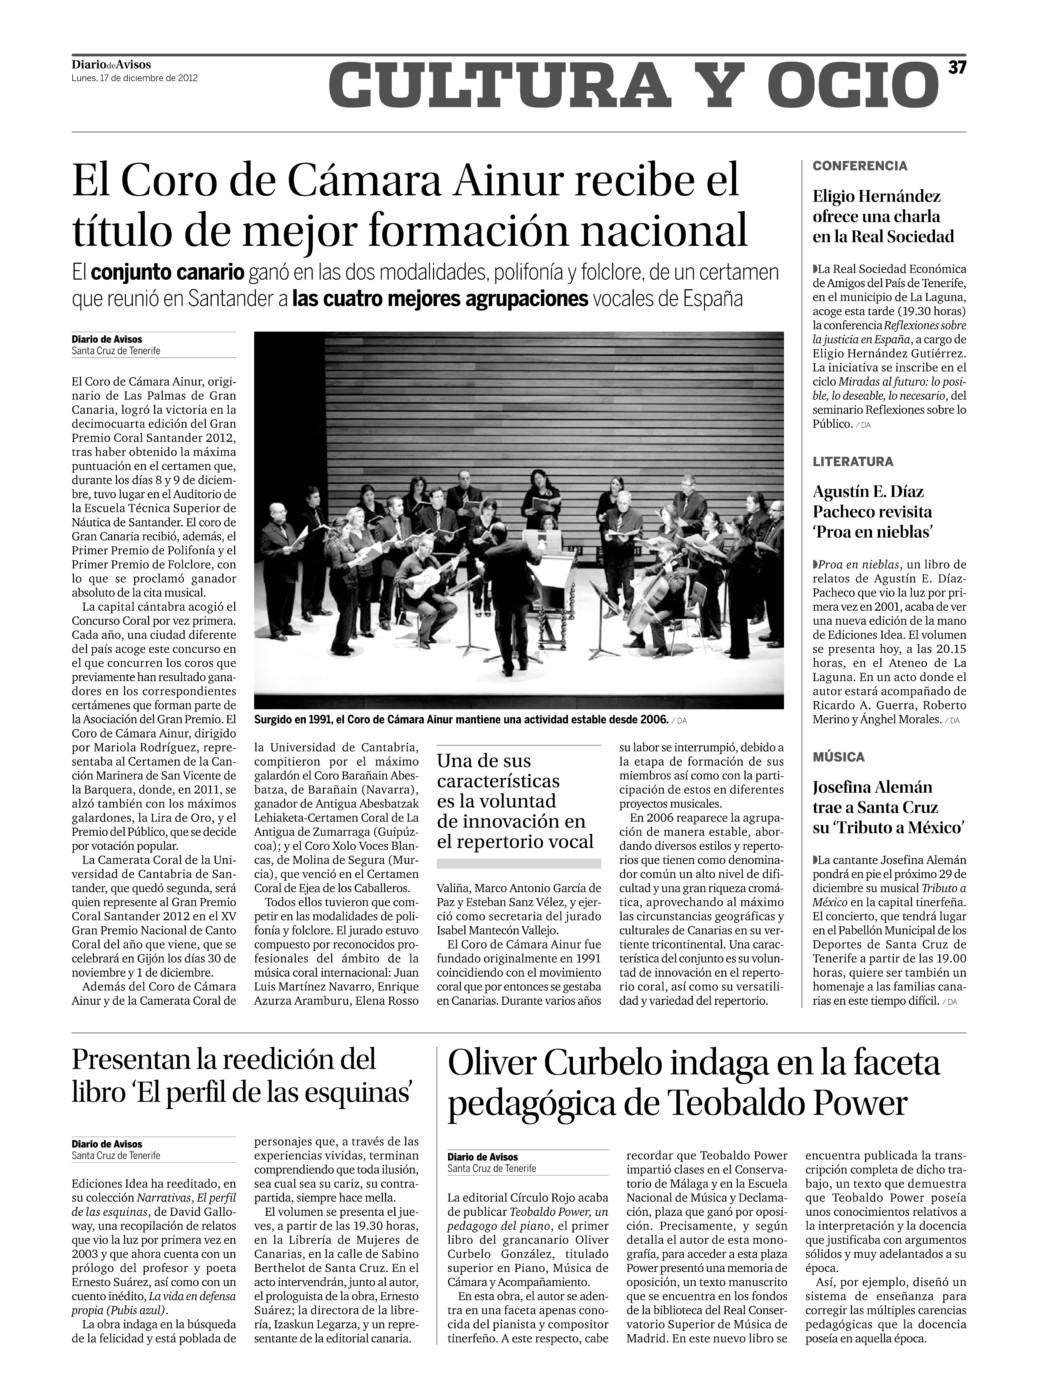 Referencia en prensa - Diario de Avisos